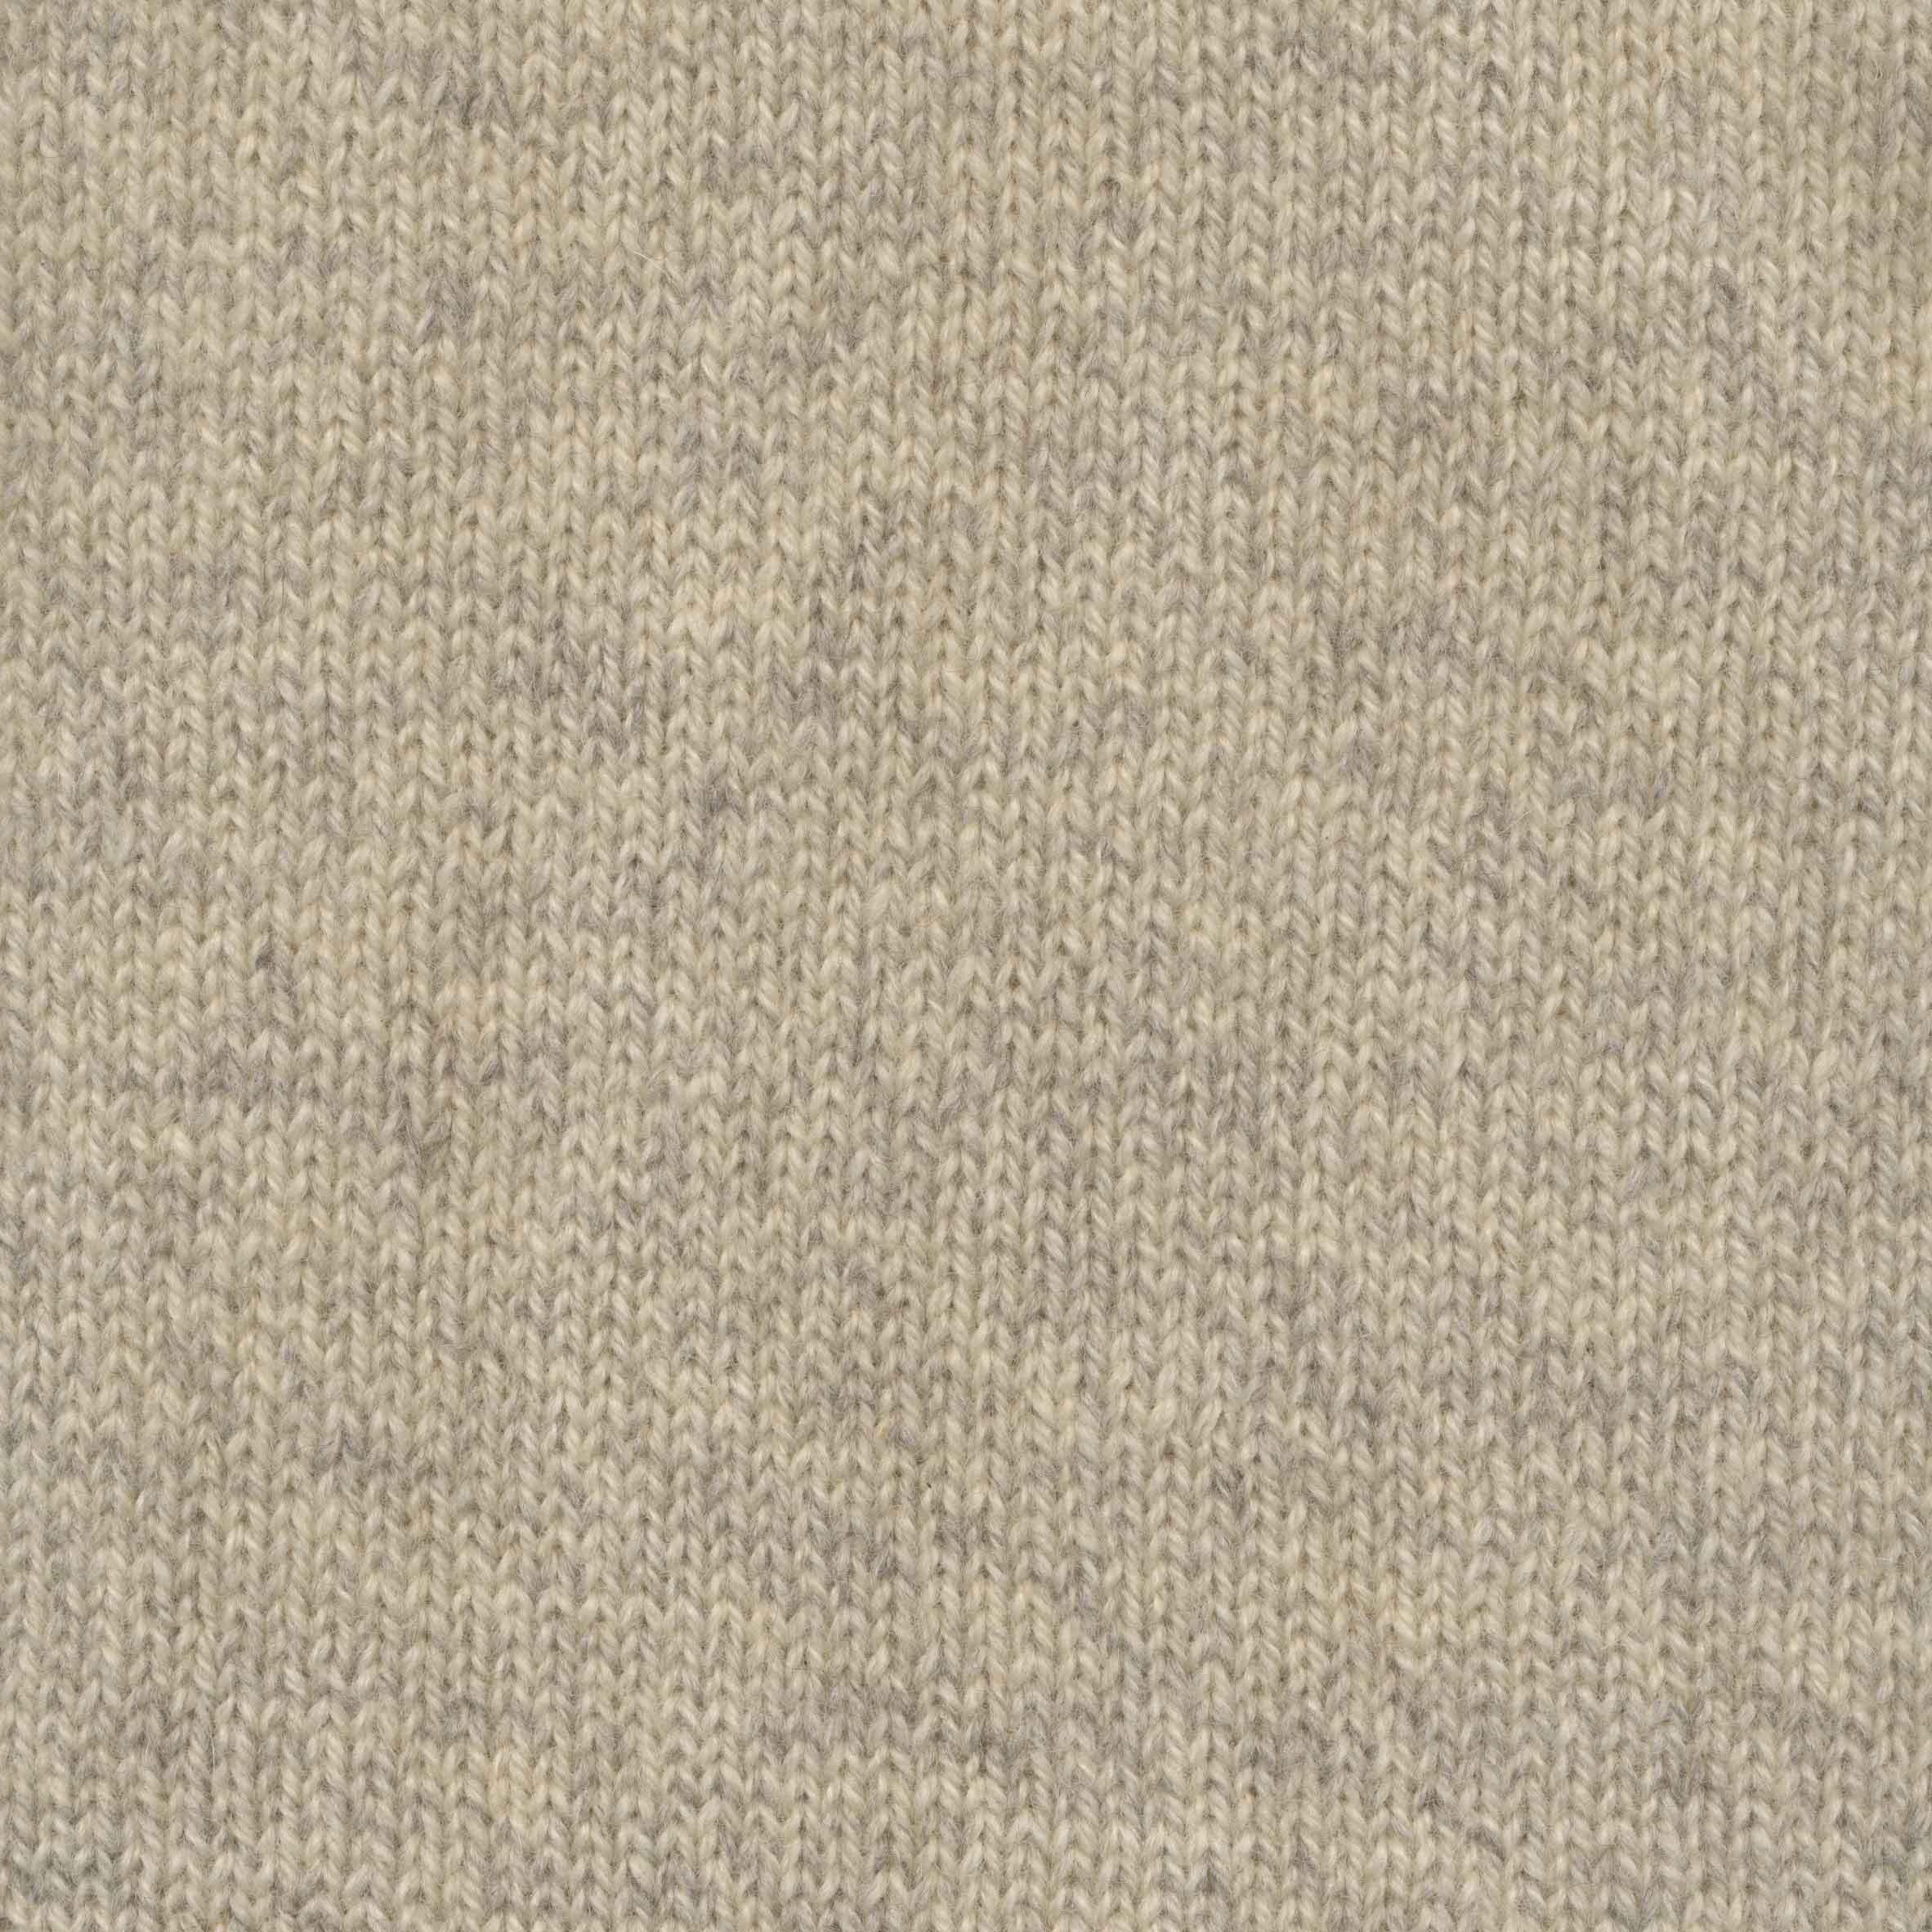 Wool Knit 01